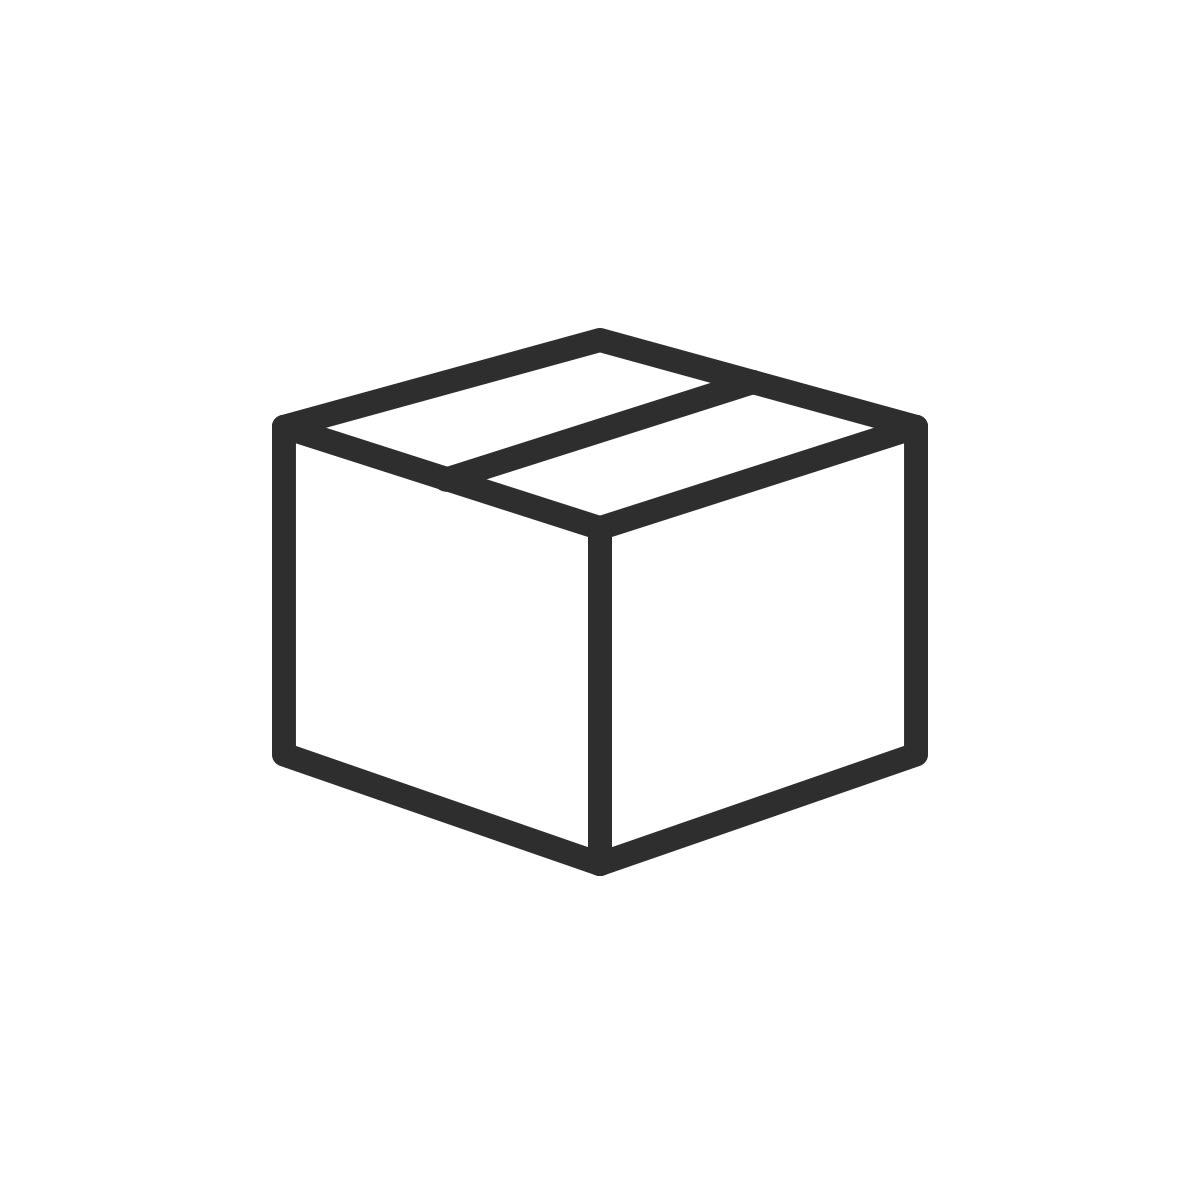 Til leveringstyperne: posthus, pakkeboks, butik og postpakke